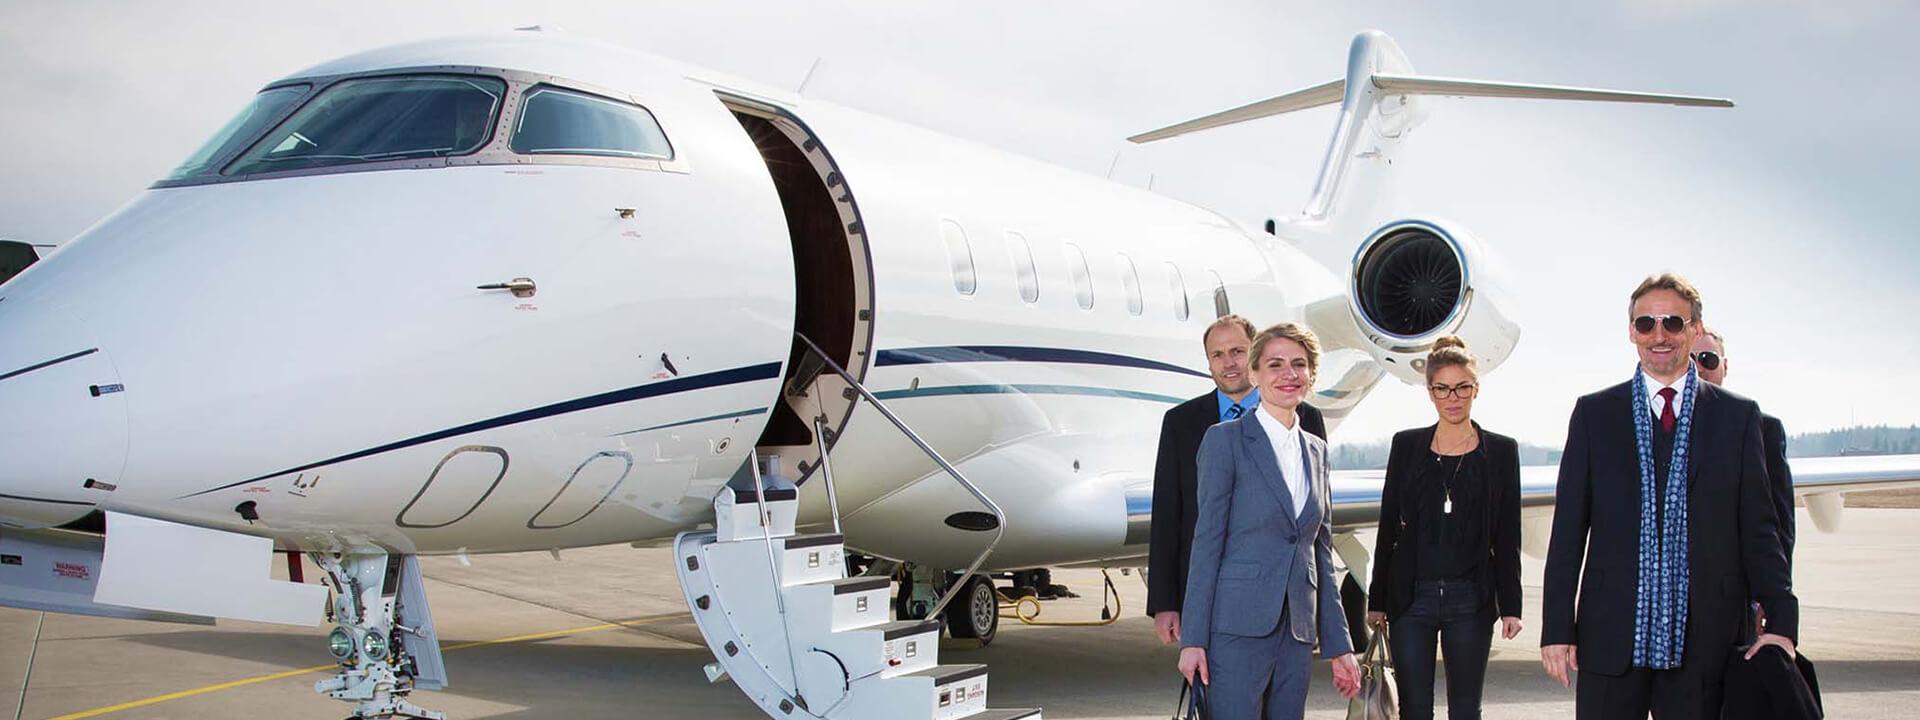 Voli d affari prenota con jetapp for Grandi jet d affari in cabina